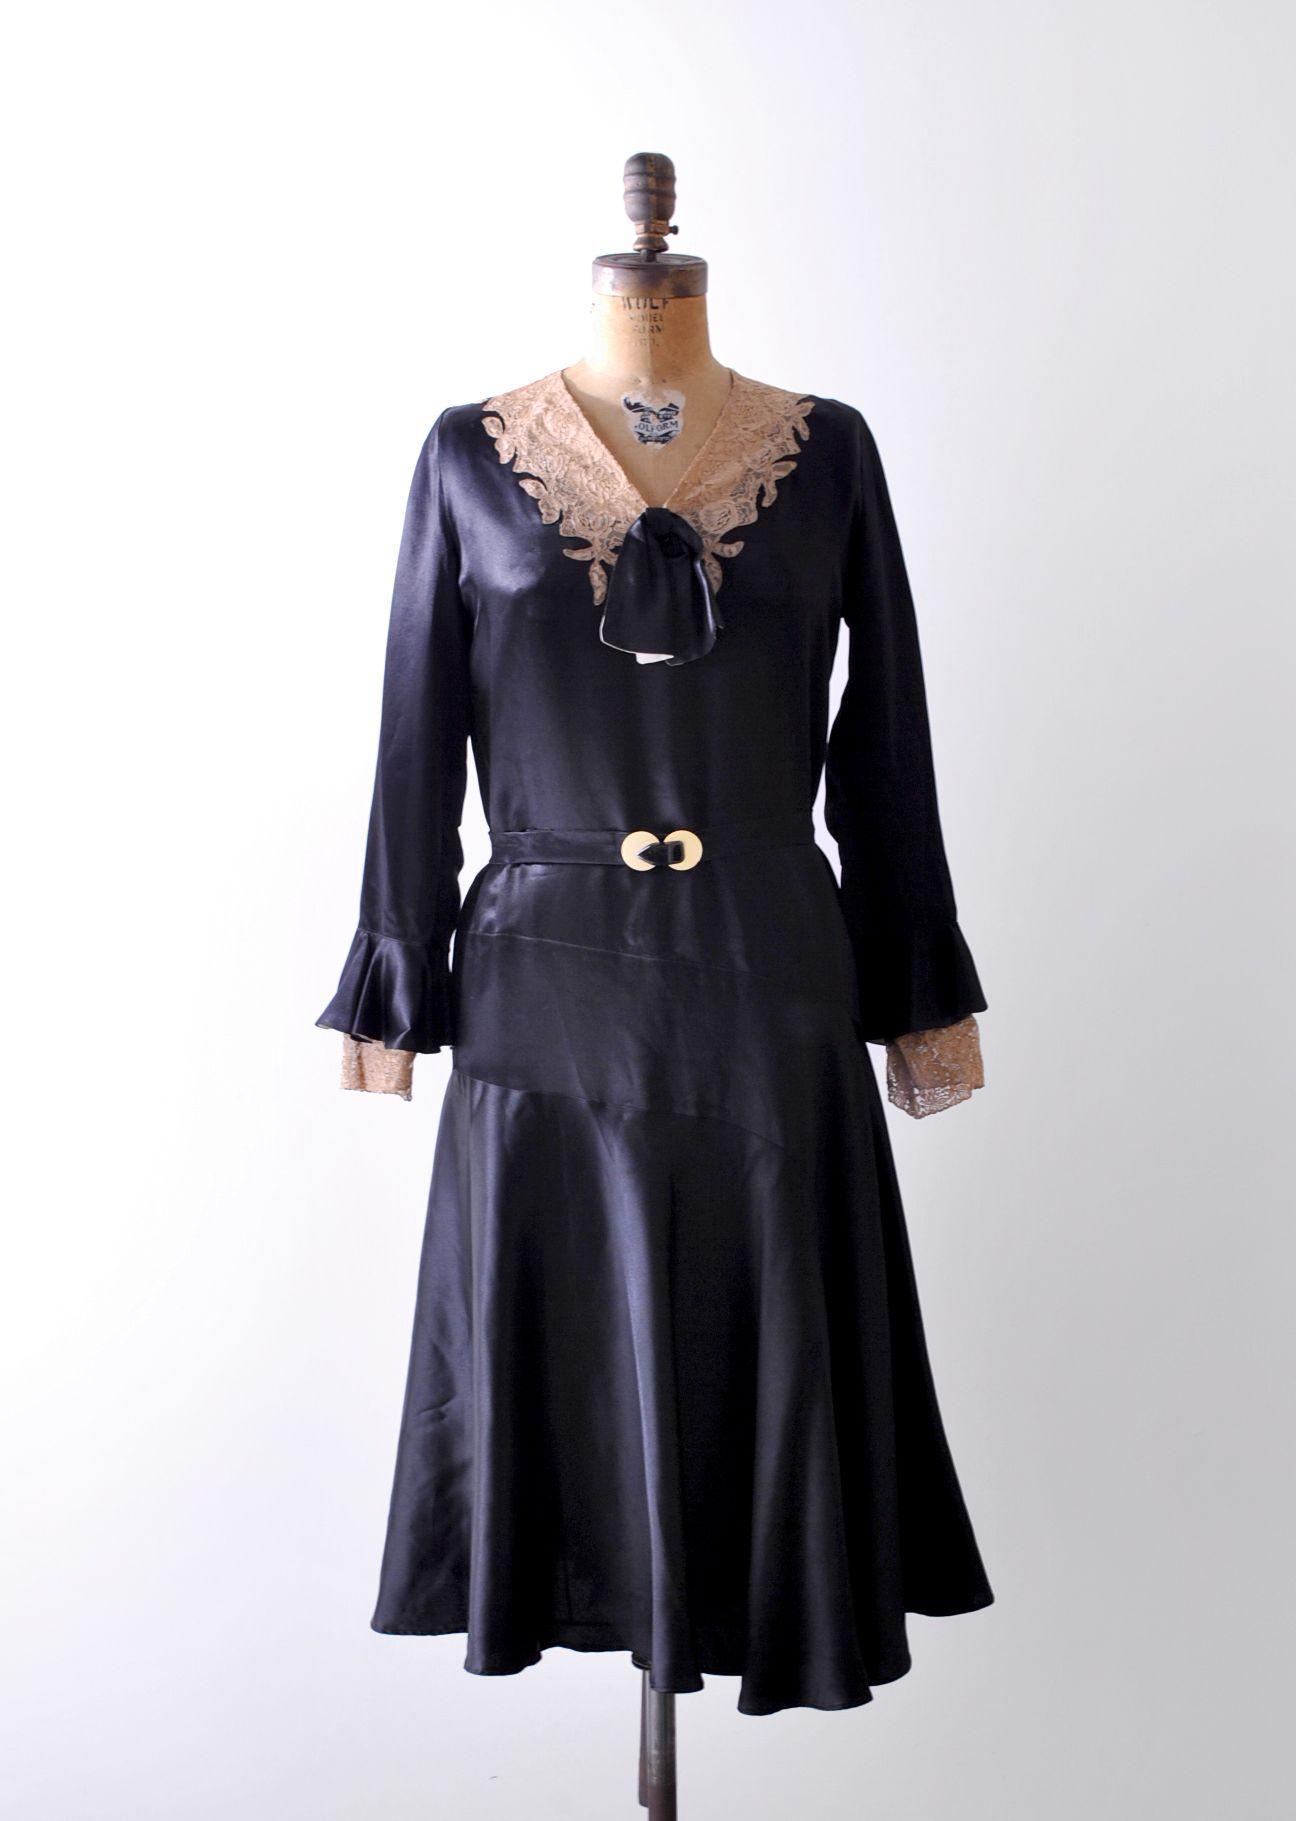 1930 S Black Satin Dress 30 Lace Dress Liquid Satin Etsy Black Satin Dress Dresses Antique Lace Dress [ 1821 x 1296 Pixel ]